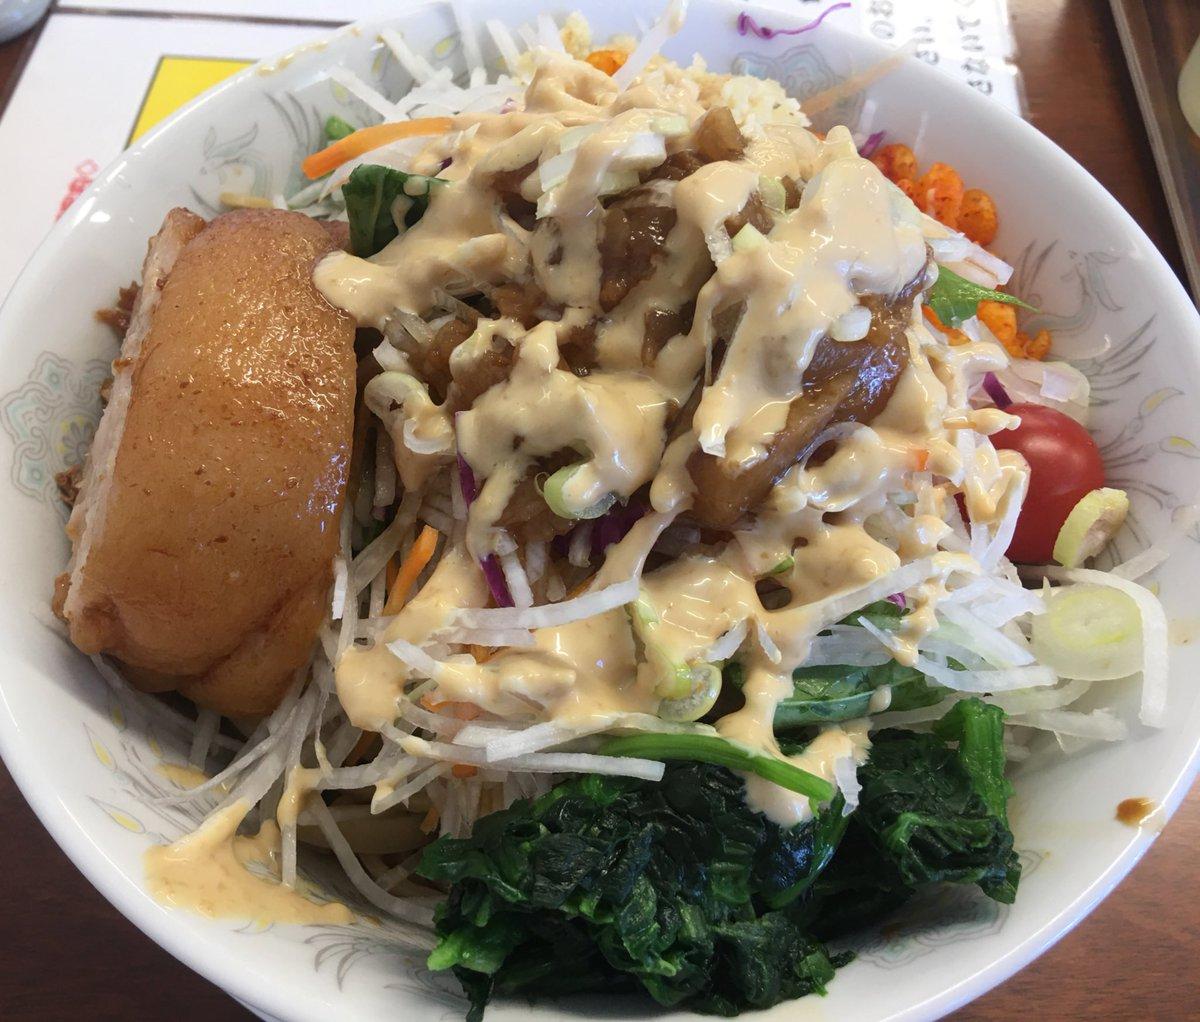 test ツイッターメディア - 花の名(佐久市)で冷やし中華平打ち麺+レンソウ、ニンニクねぎ脂辛揚げガリマヨ。自分が注文の後売り切れ。タレは味濃いめ。冷えた平打ち麺はコシマシマシ。分厚い味付きチャーシューは脂トロトロ。野菜は大根、人参、水菜等で、シャキッとしてタレと好相性。二郎系冷やし中華、美味しかったです😄 https://t.co/Df4KctACGa